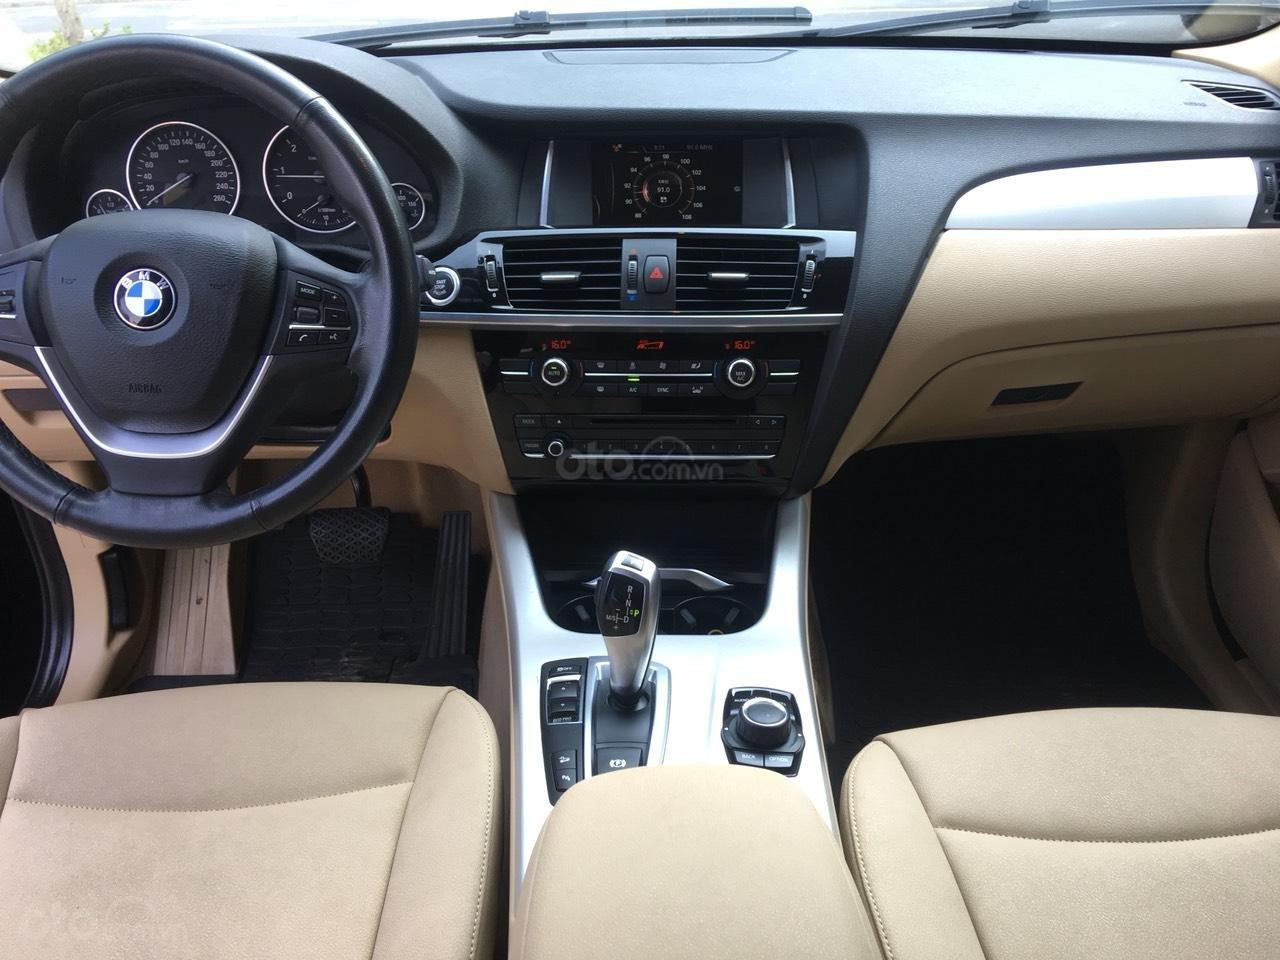 BMW X3 model 2015, máy dầu hàng độc (7)